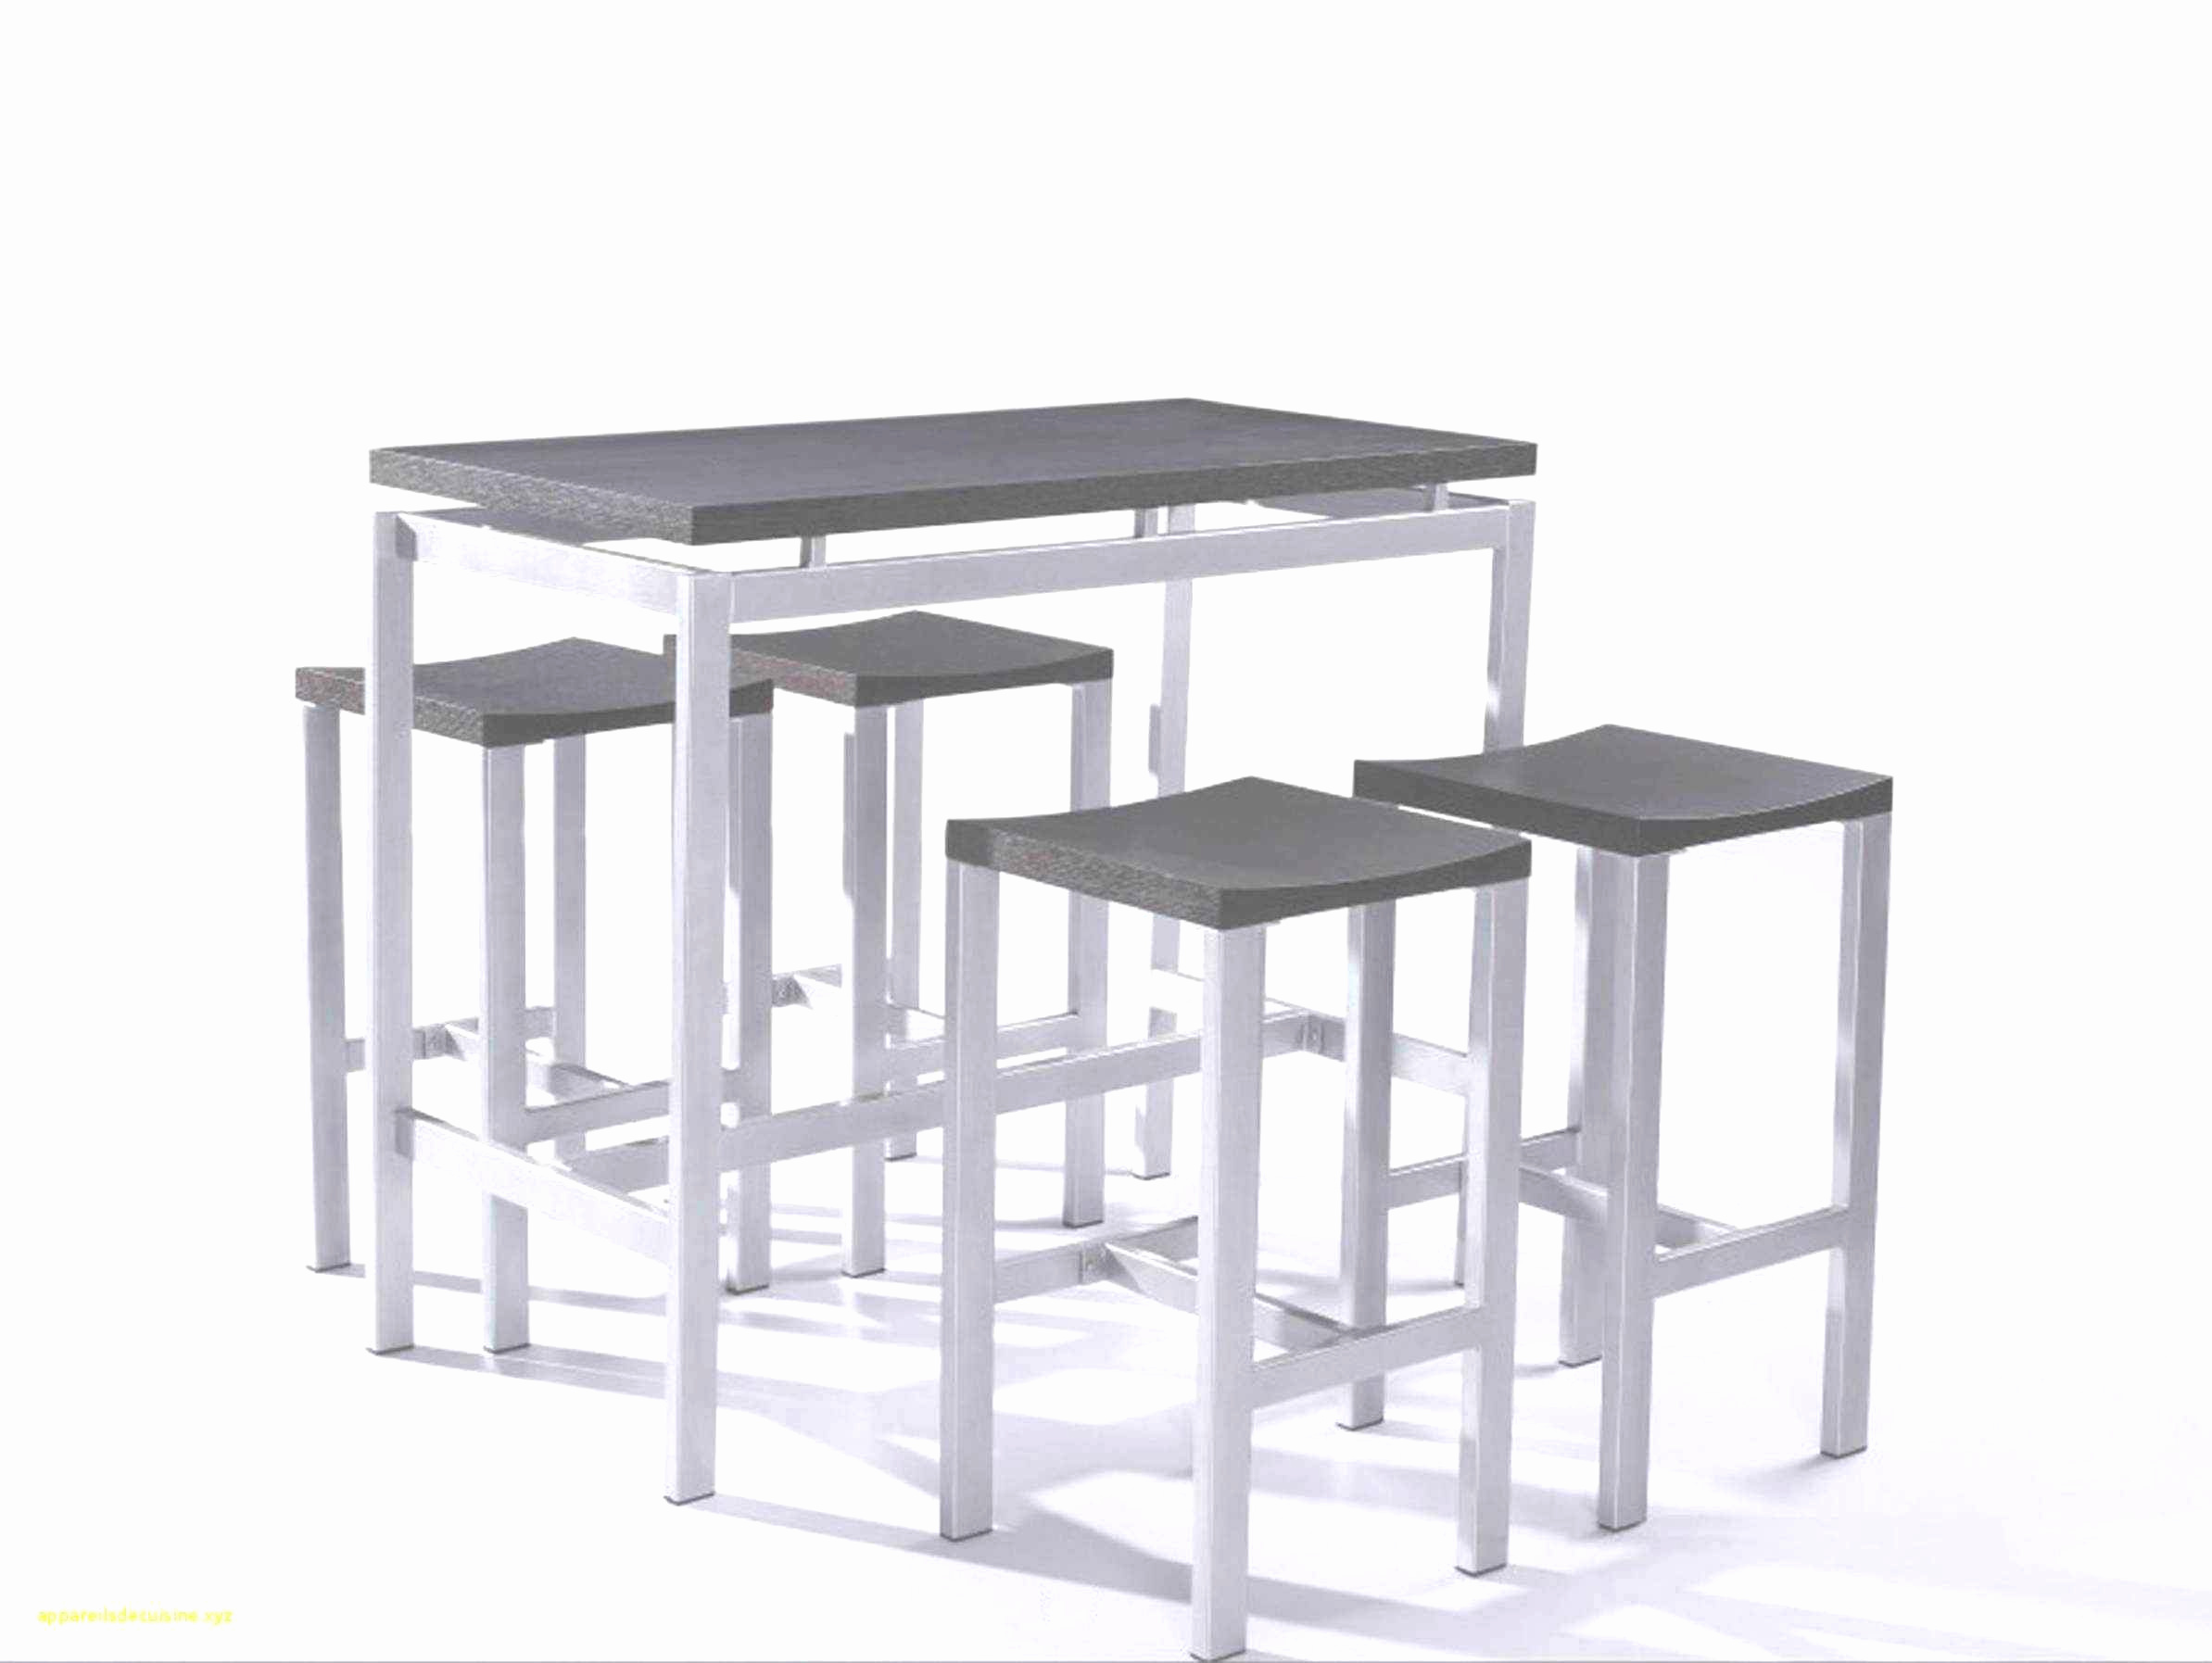 table basse teck meilleur de chaise metalique table basse metal ronde chaise coquille 0d archives of table basse teck